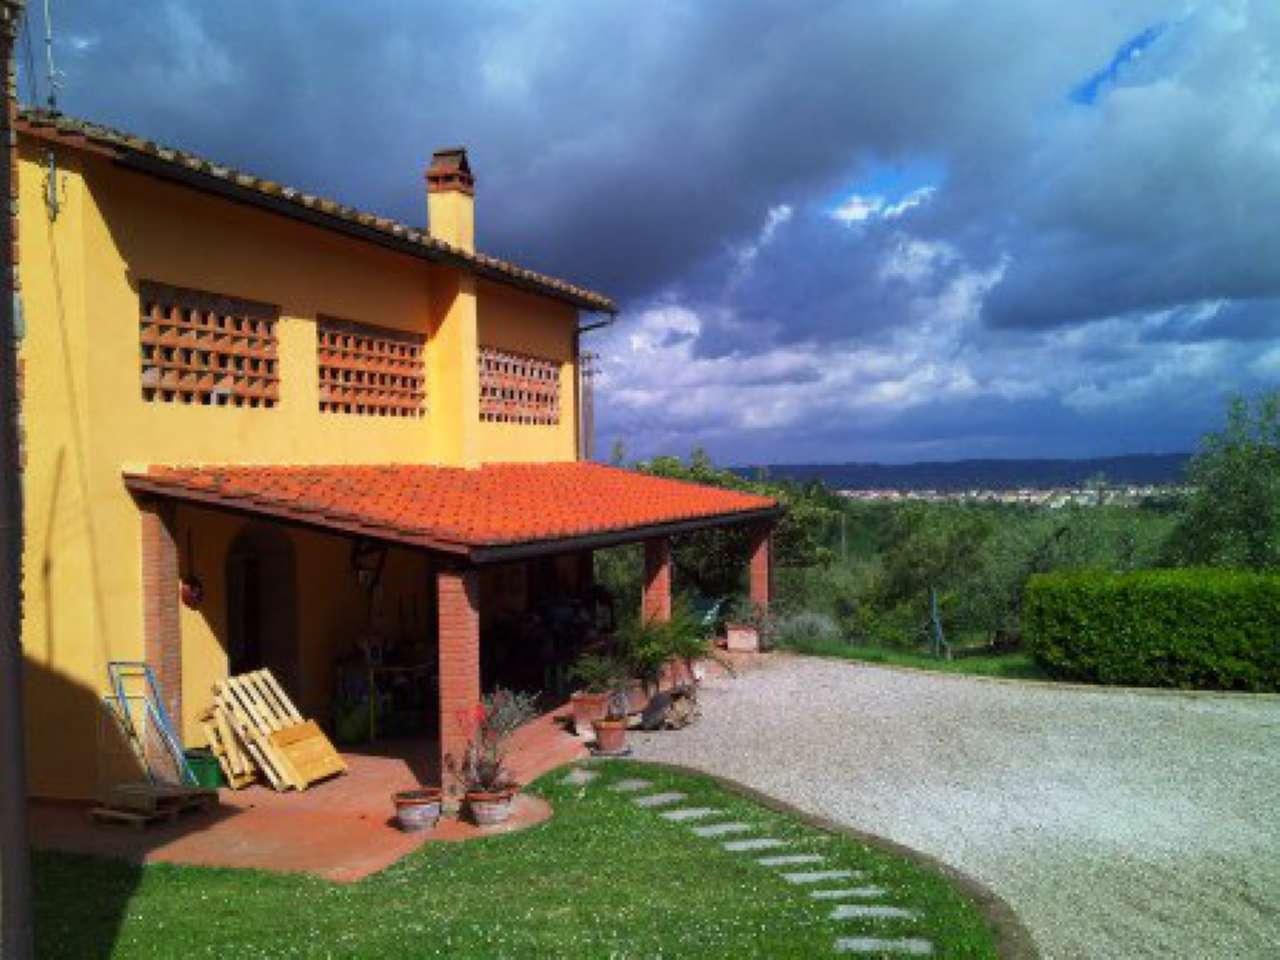 Rustico / Casale in affitto a San Miniato, 5 locali, prezzo € 1.100 | CambioCasa.it